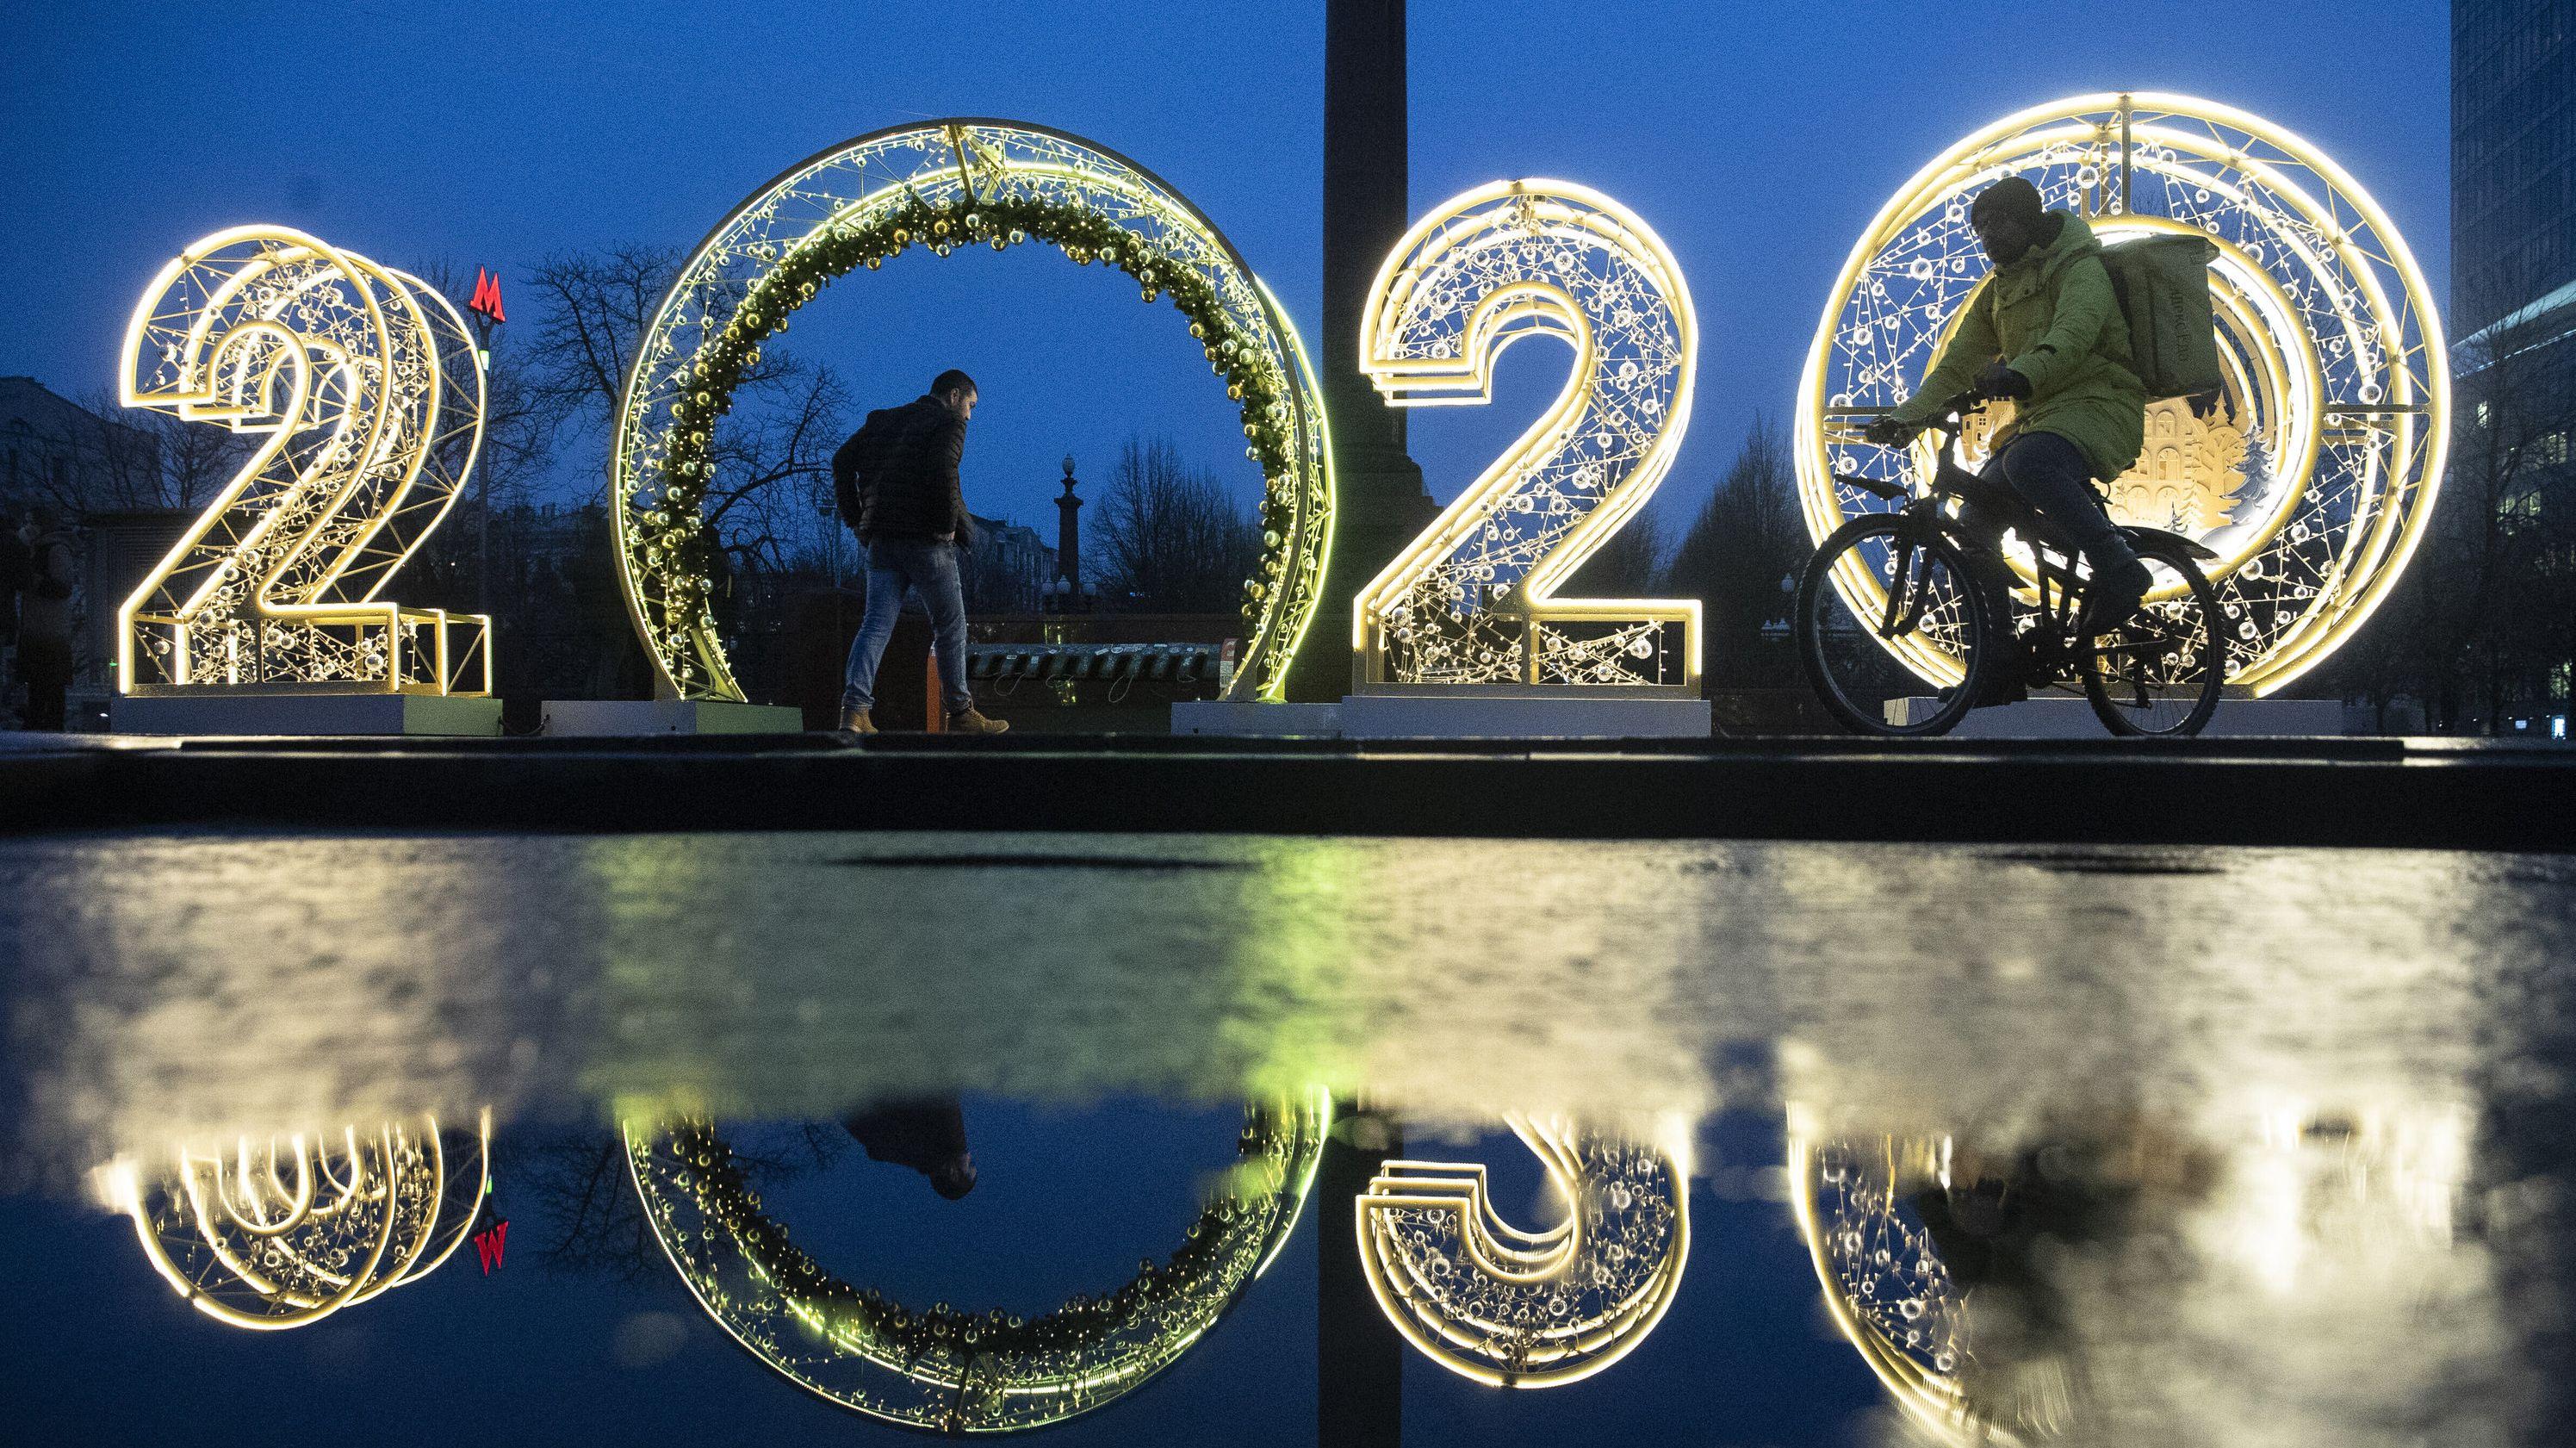 Leuchtinstallation mit der Jahreszahl 2020 in Moskau